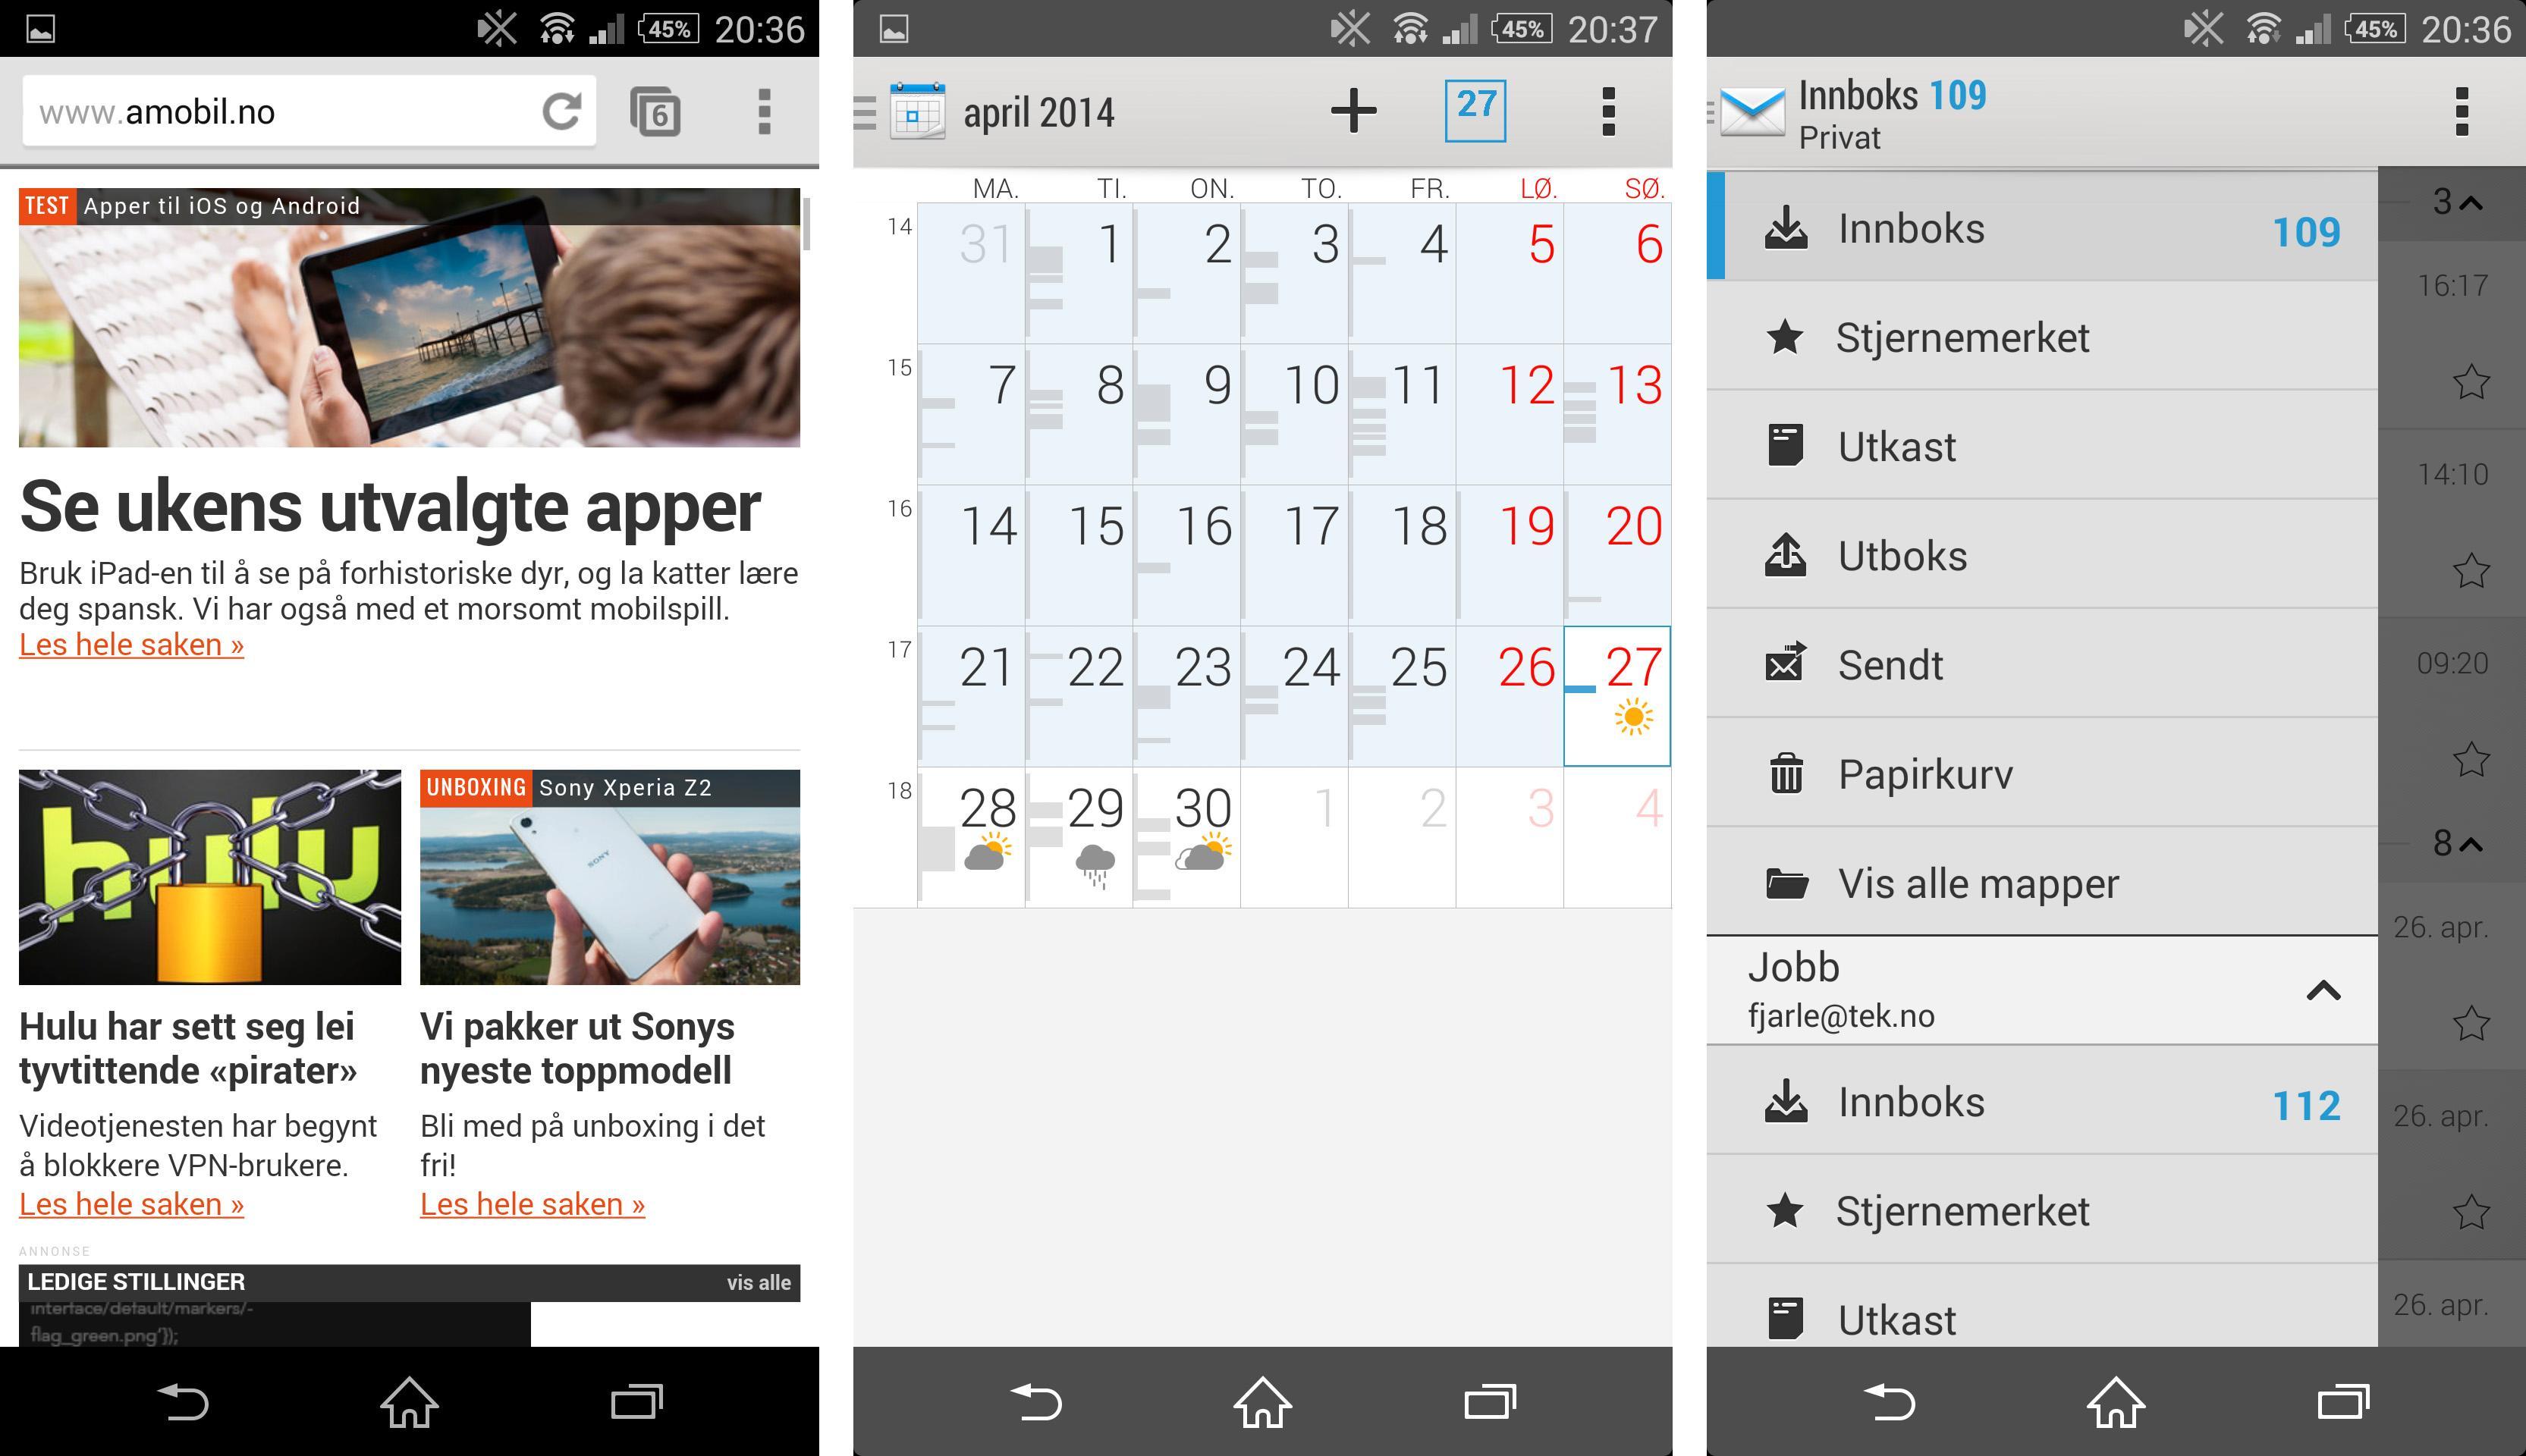 Xperia Z2 har en kjapp og god nettleser, og mange smarte løsninger i både e-postleseren og kalenderfunksjonen.Foto: Finn Jarle Kvalheim, Amobil.no